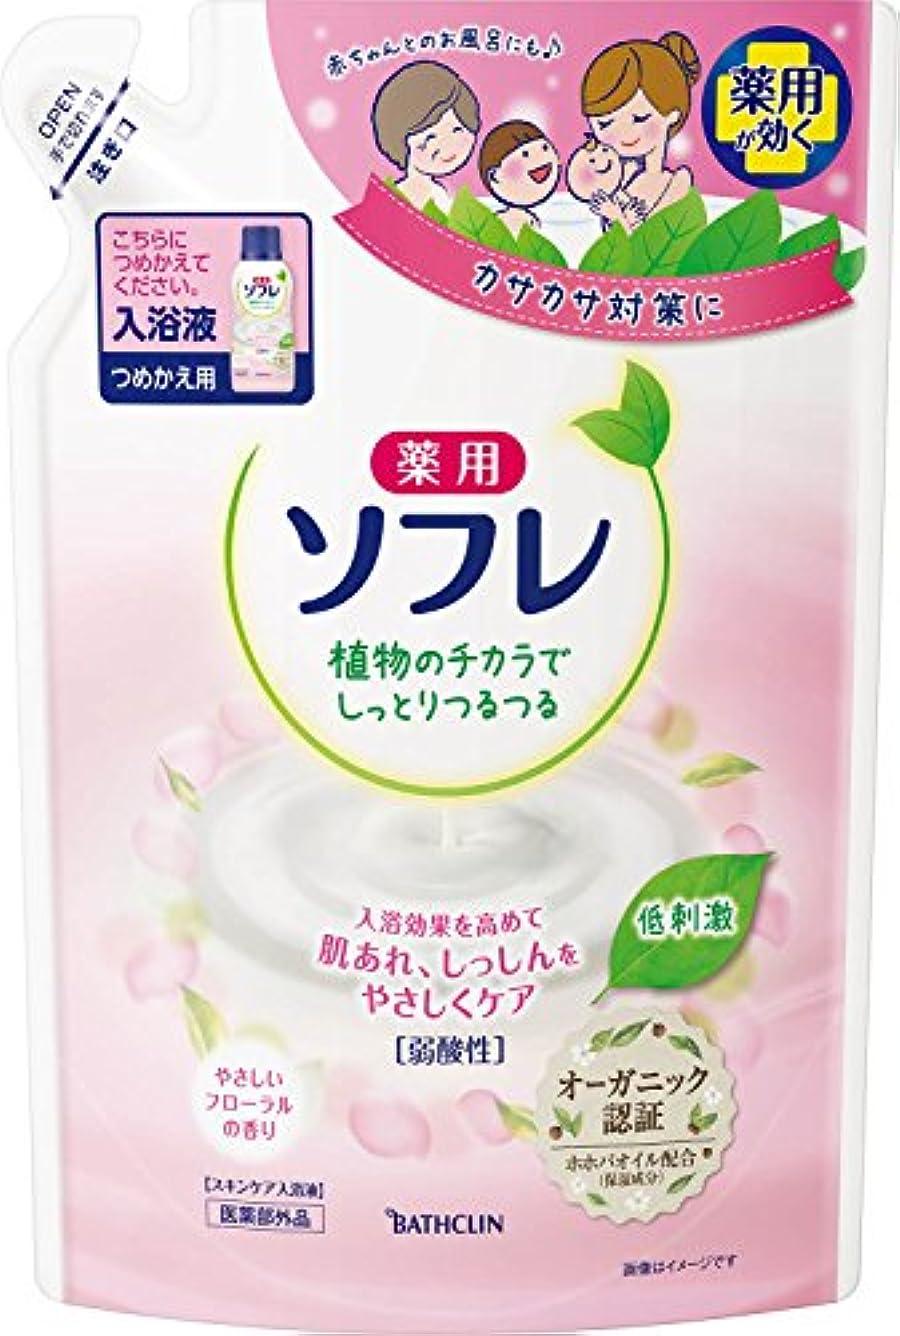 親密な顧問解放する【医薬部外品】薬用ソフレ スキンケア入浴剤 やさしいフローラルの香り つめかえ用 600ml 入浴剤(赤ちゃんと一緒に使えます) 保湿タイプ